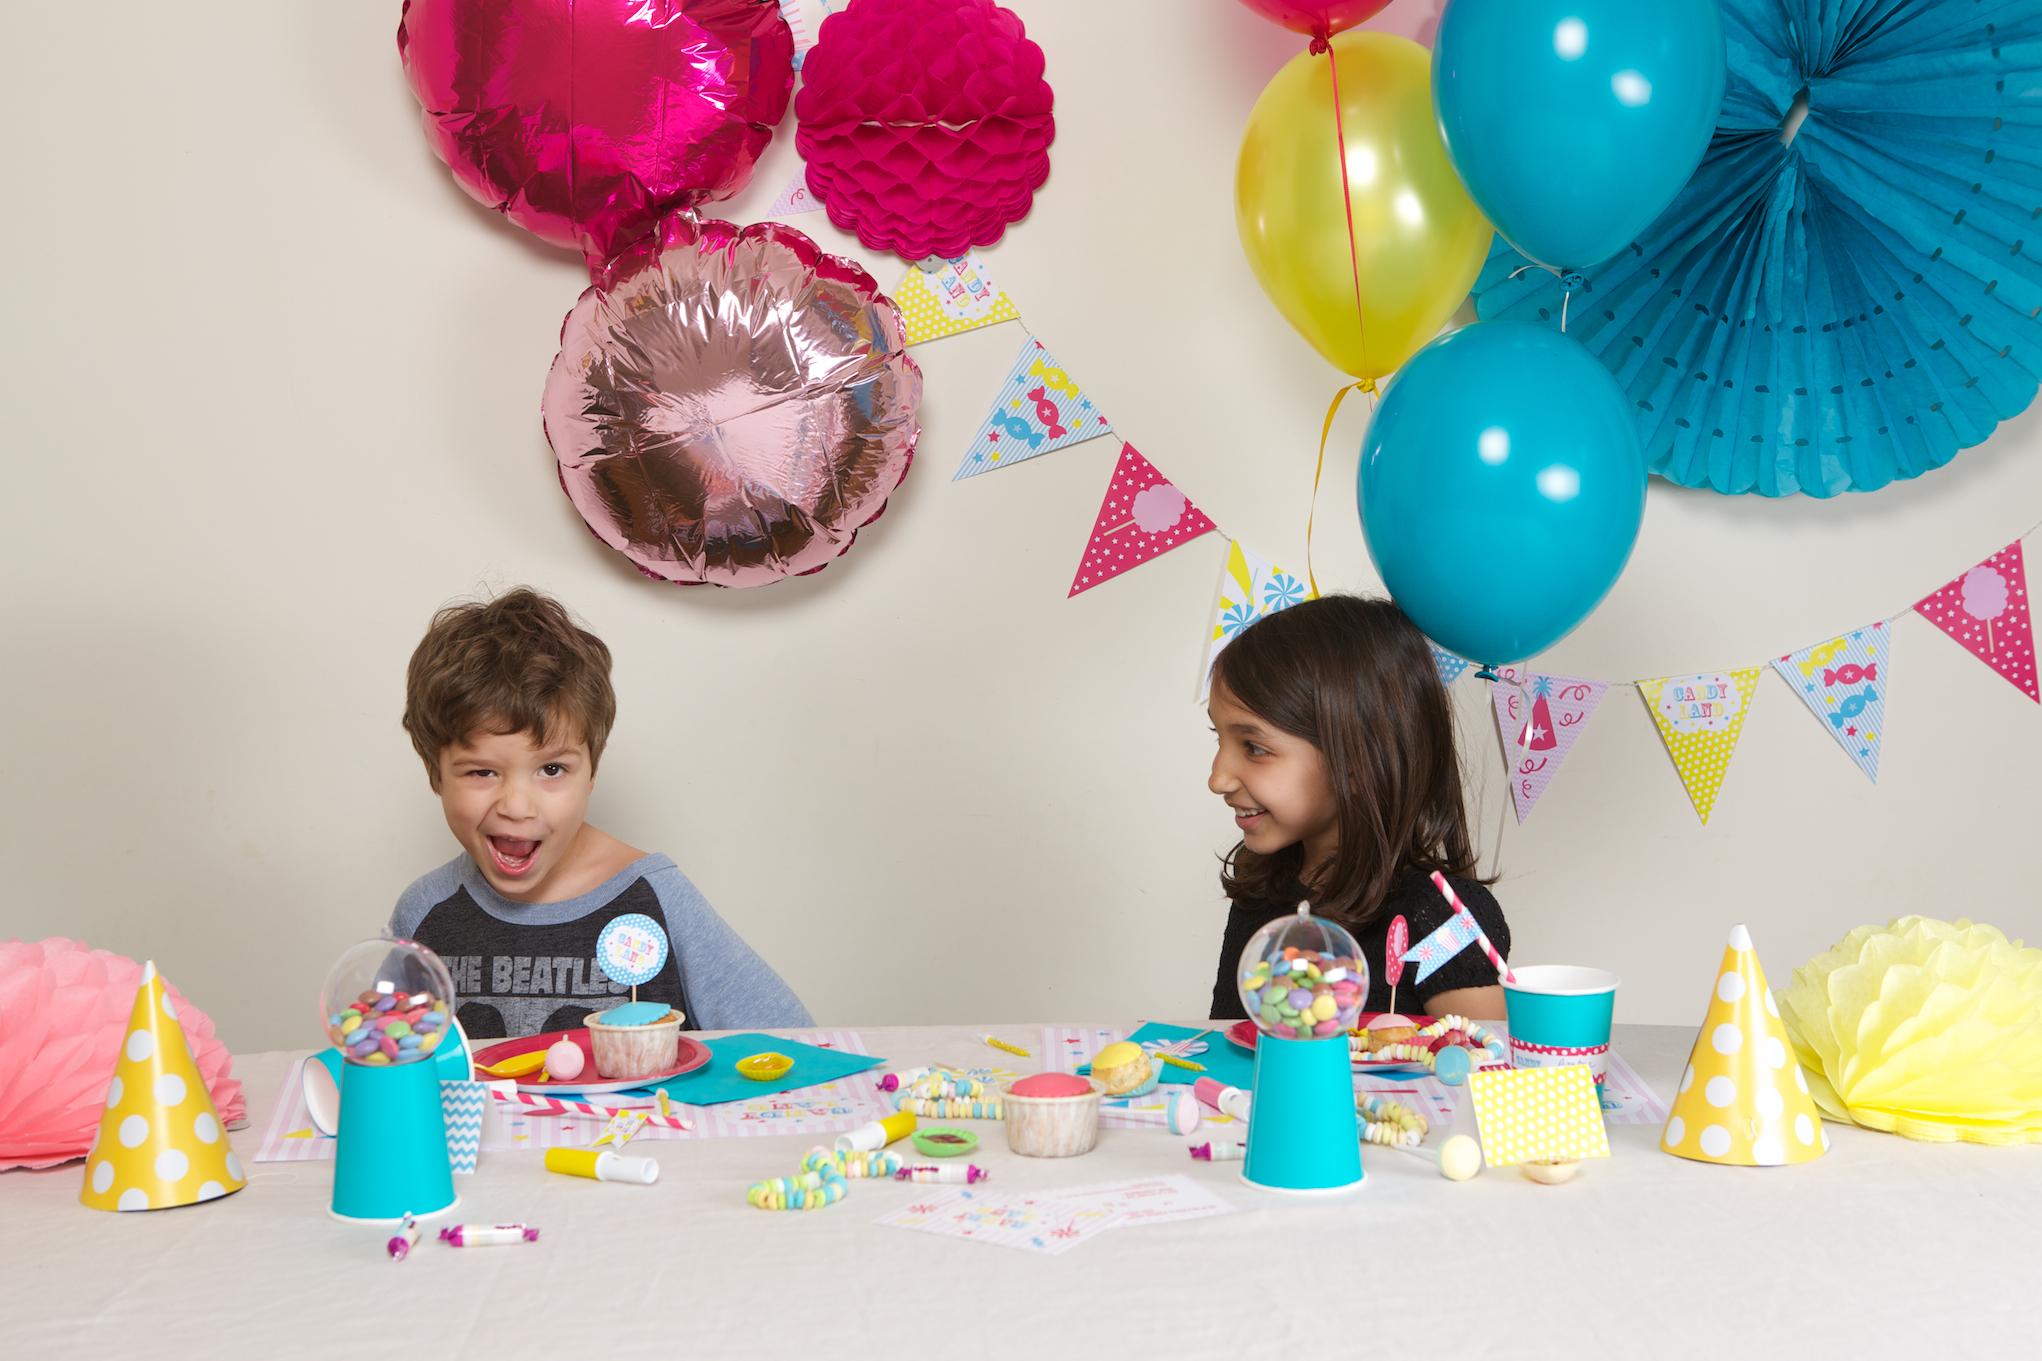 kit deco anniversaire enfant theme bonbon acheter vente. Black Bedroom Furniture Sets. Home Design Ideas